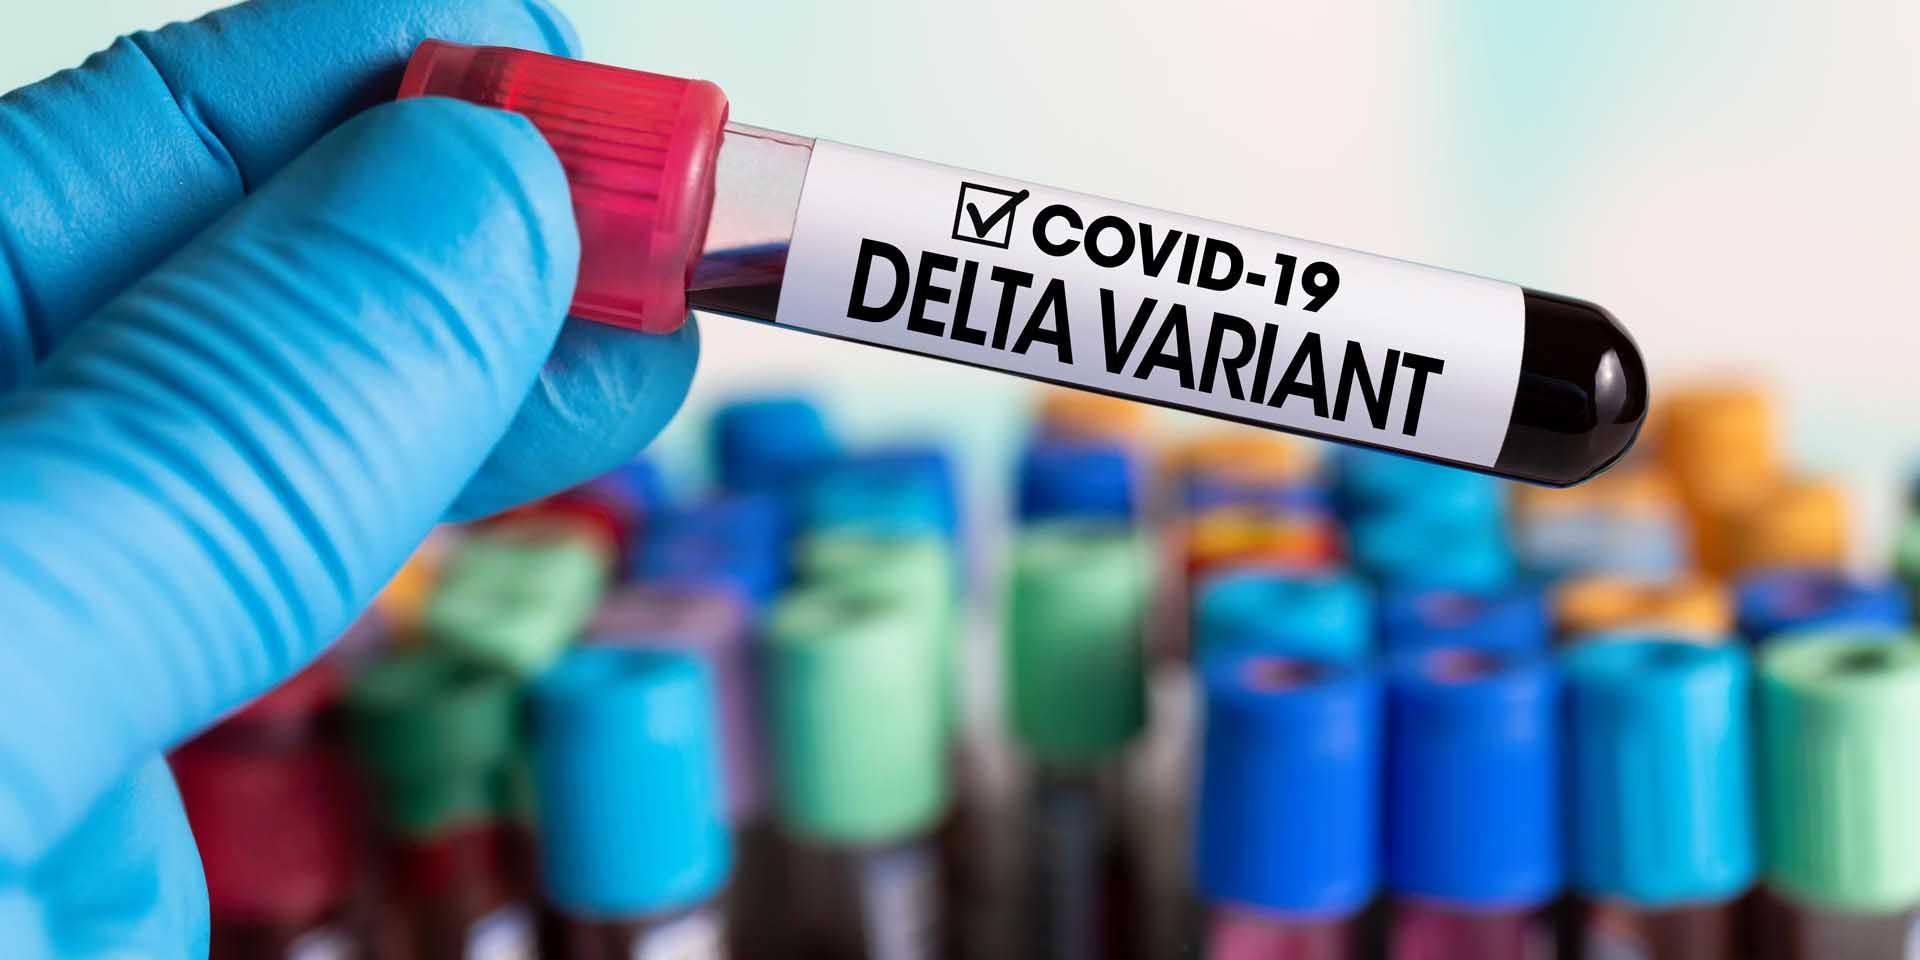 ¿Cómo podemos defendernos de las variantes Delta y Delta plus de covid-19? | El Imparcial de Oaxaca